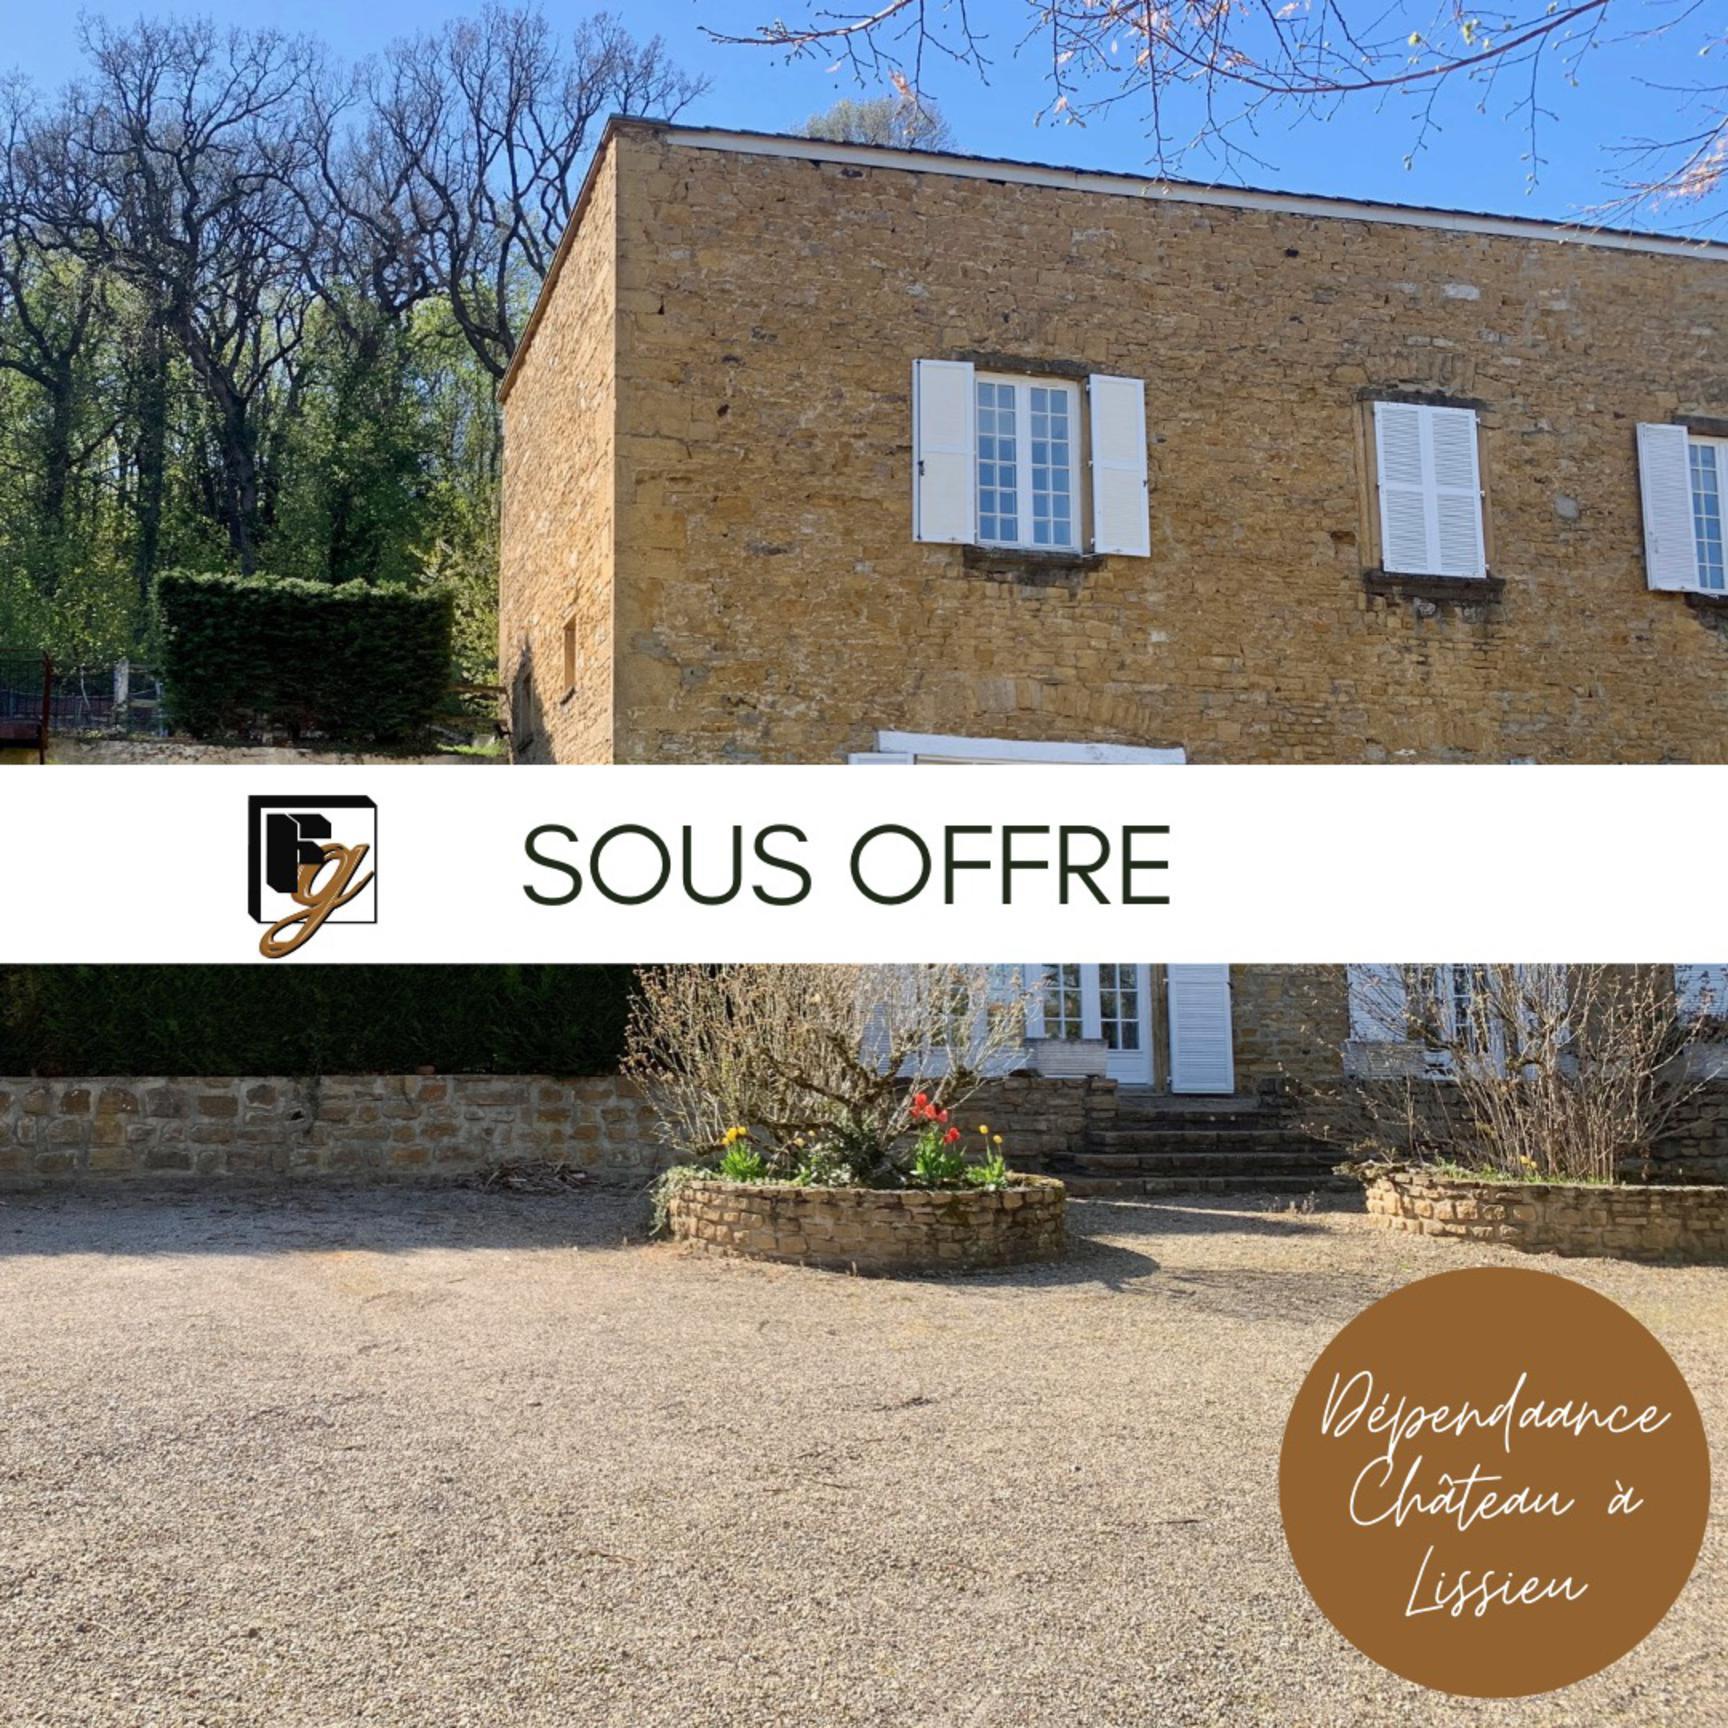 SOUS OFFRE // LISSIEU - Dépendance Château